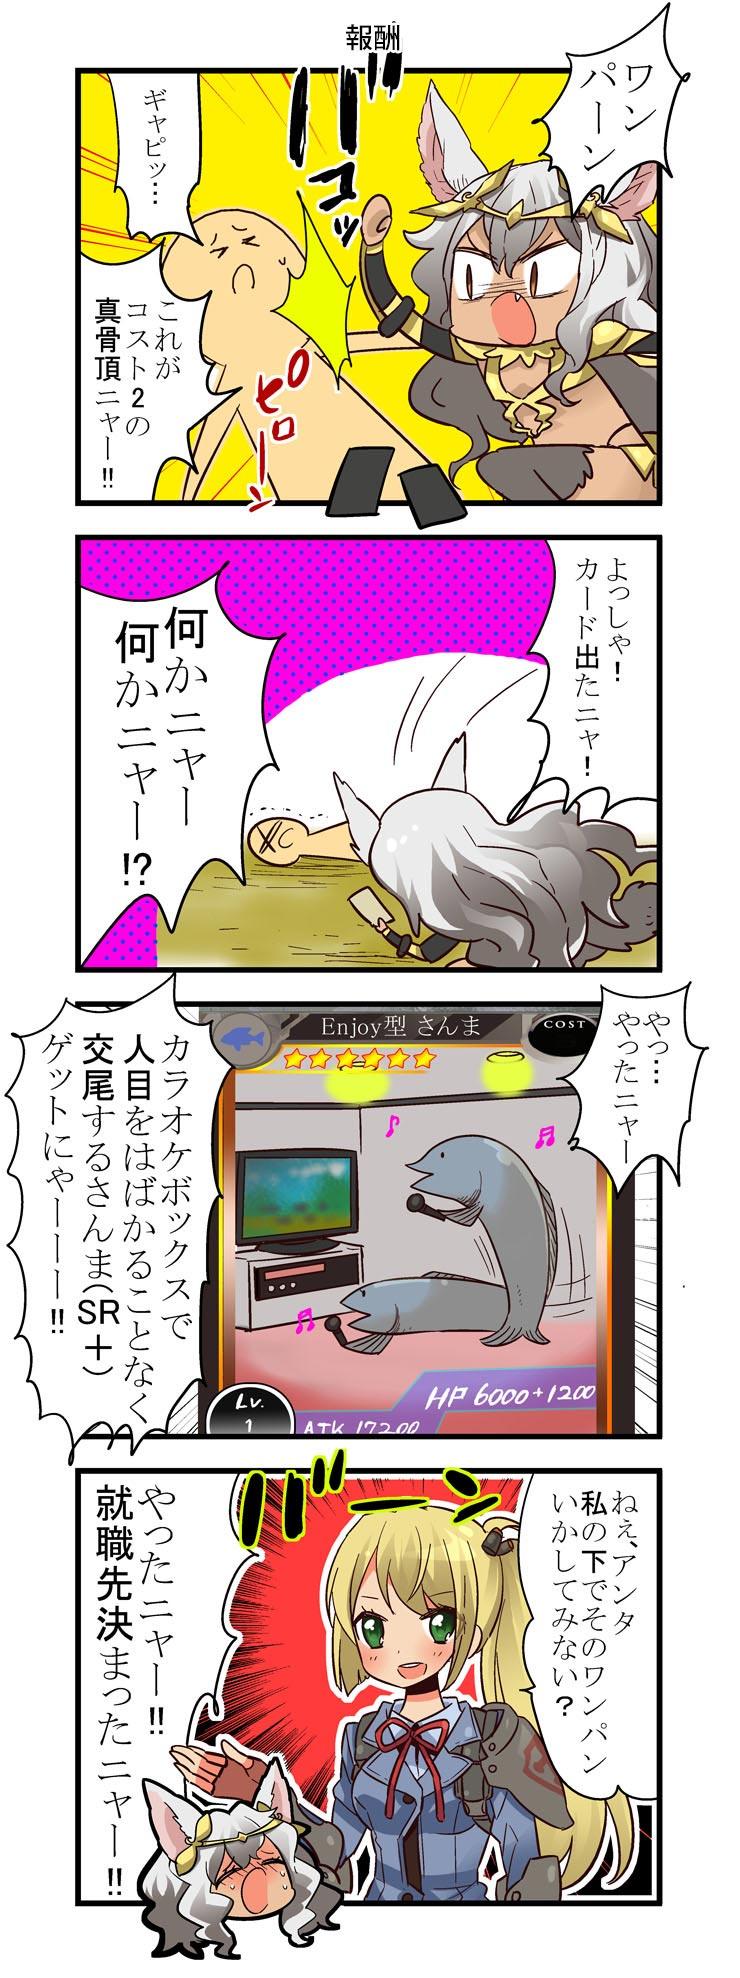 4comics_024.jpg